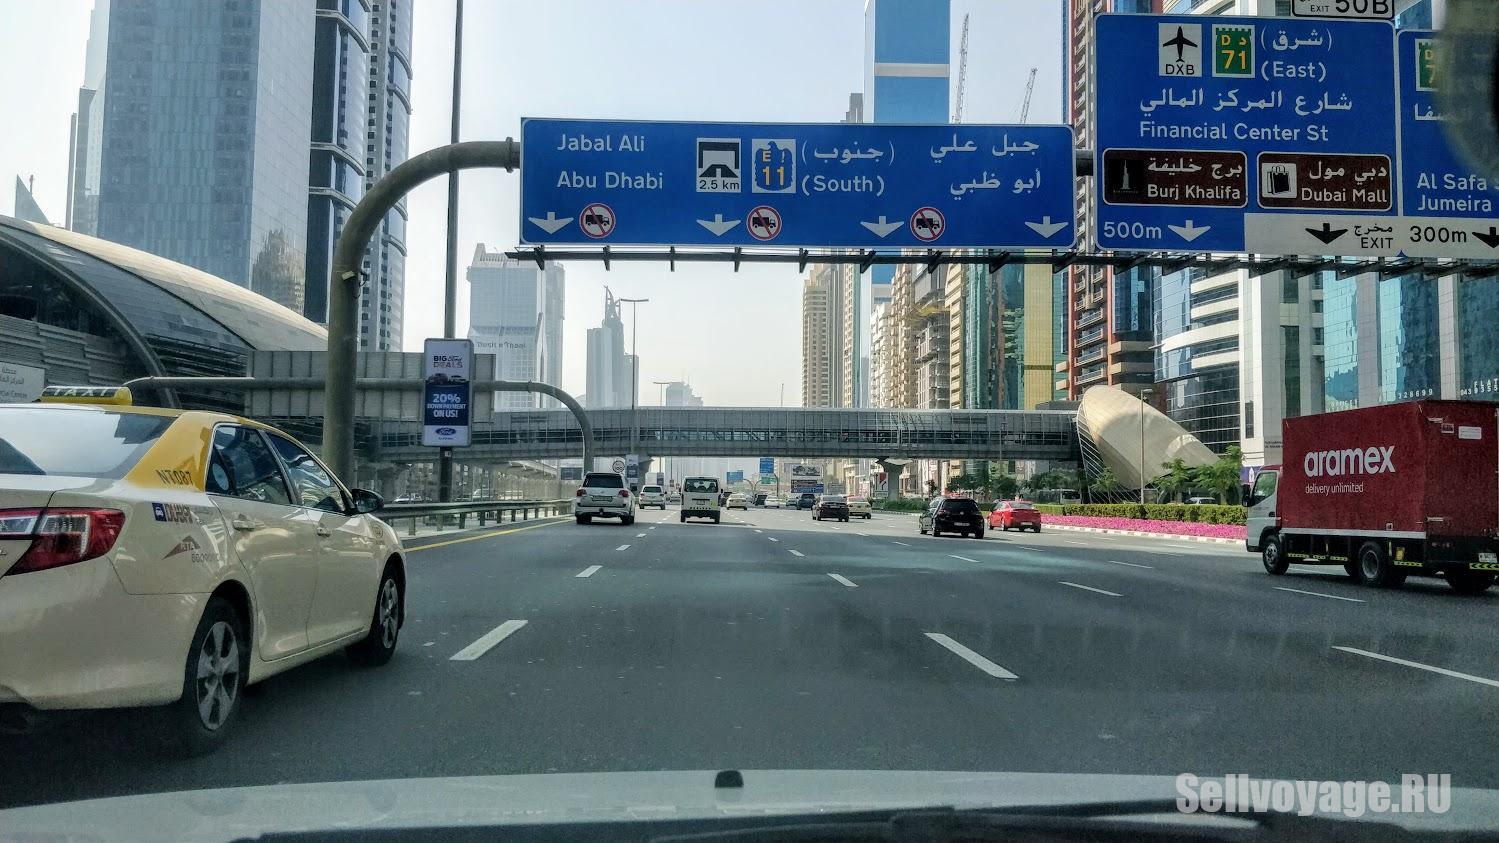 Дубай. На арендованном авто по Шейх Зайед Роуд